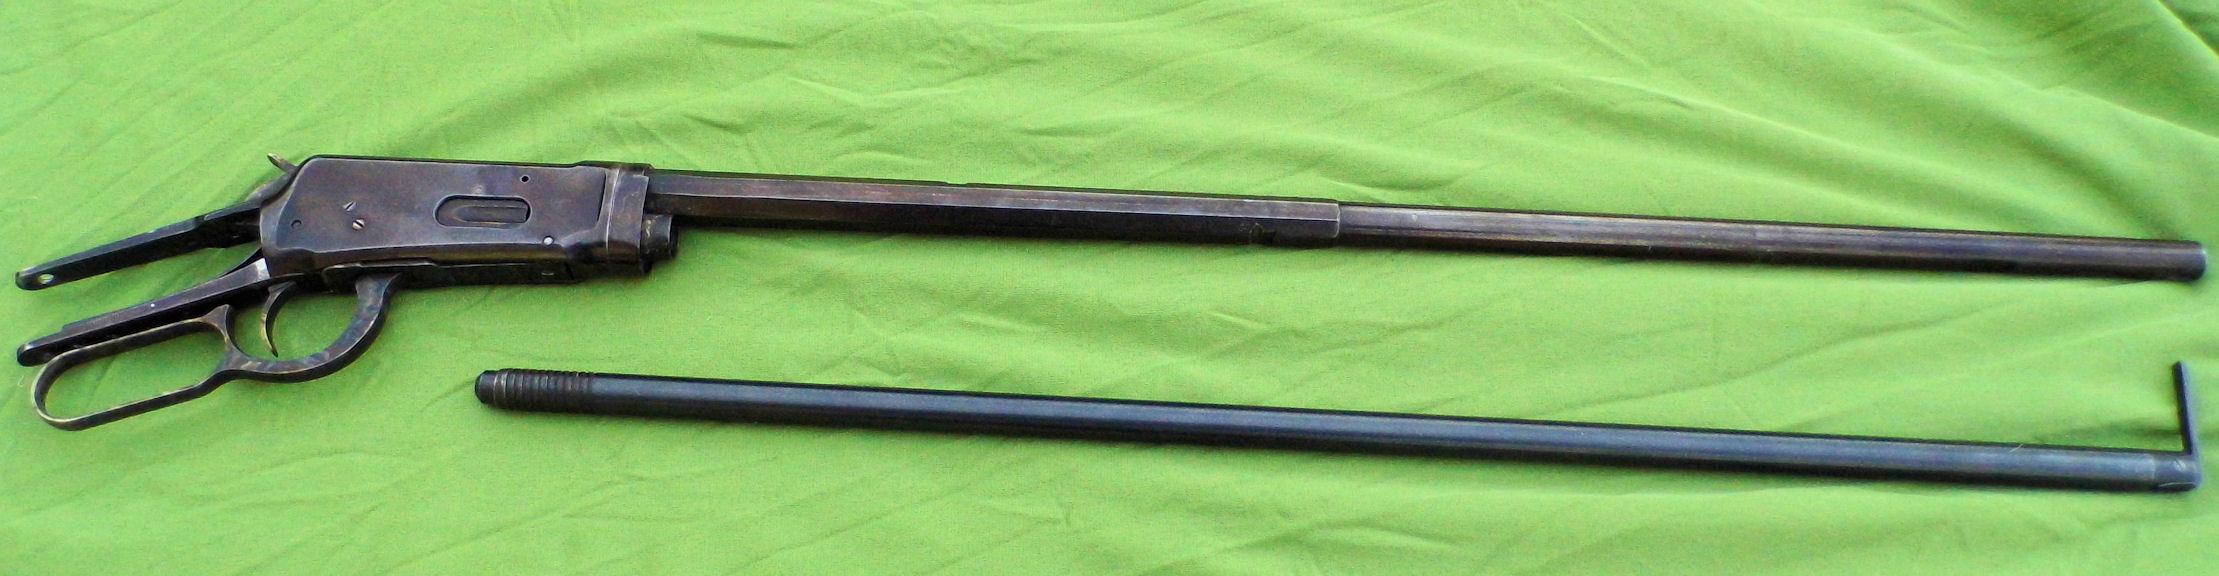 Réaliser un bronzage tabac sur une reproduction de Remington 1858. - Page 2 518738Winchester1894Takedown3240dmonte1